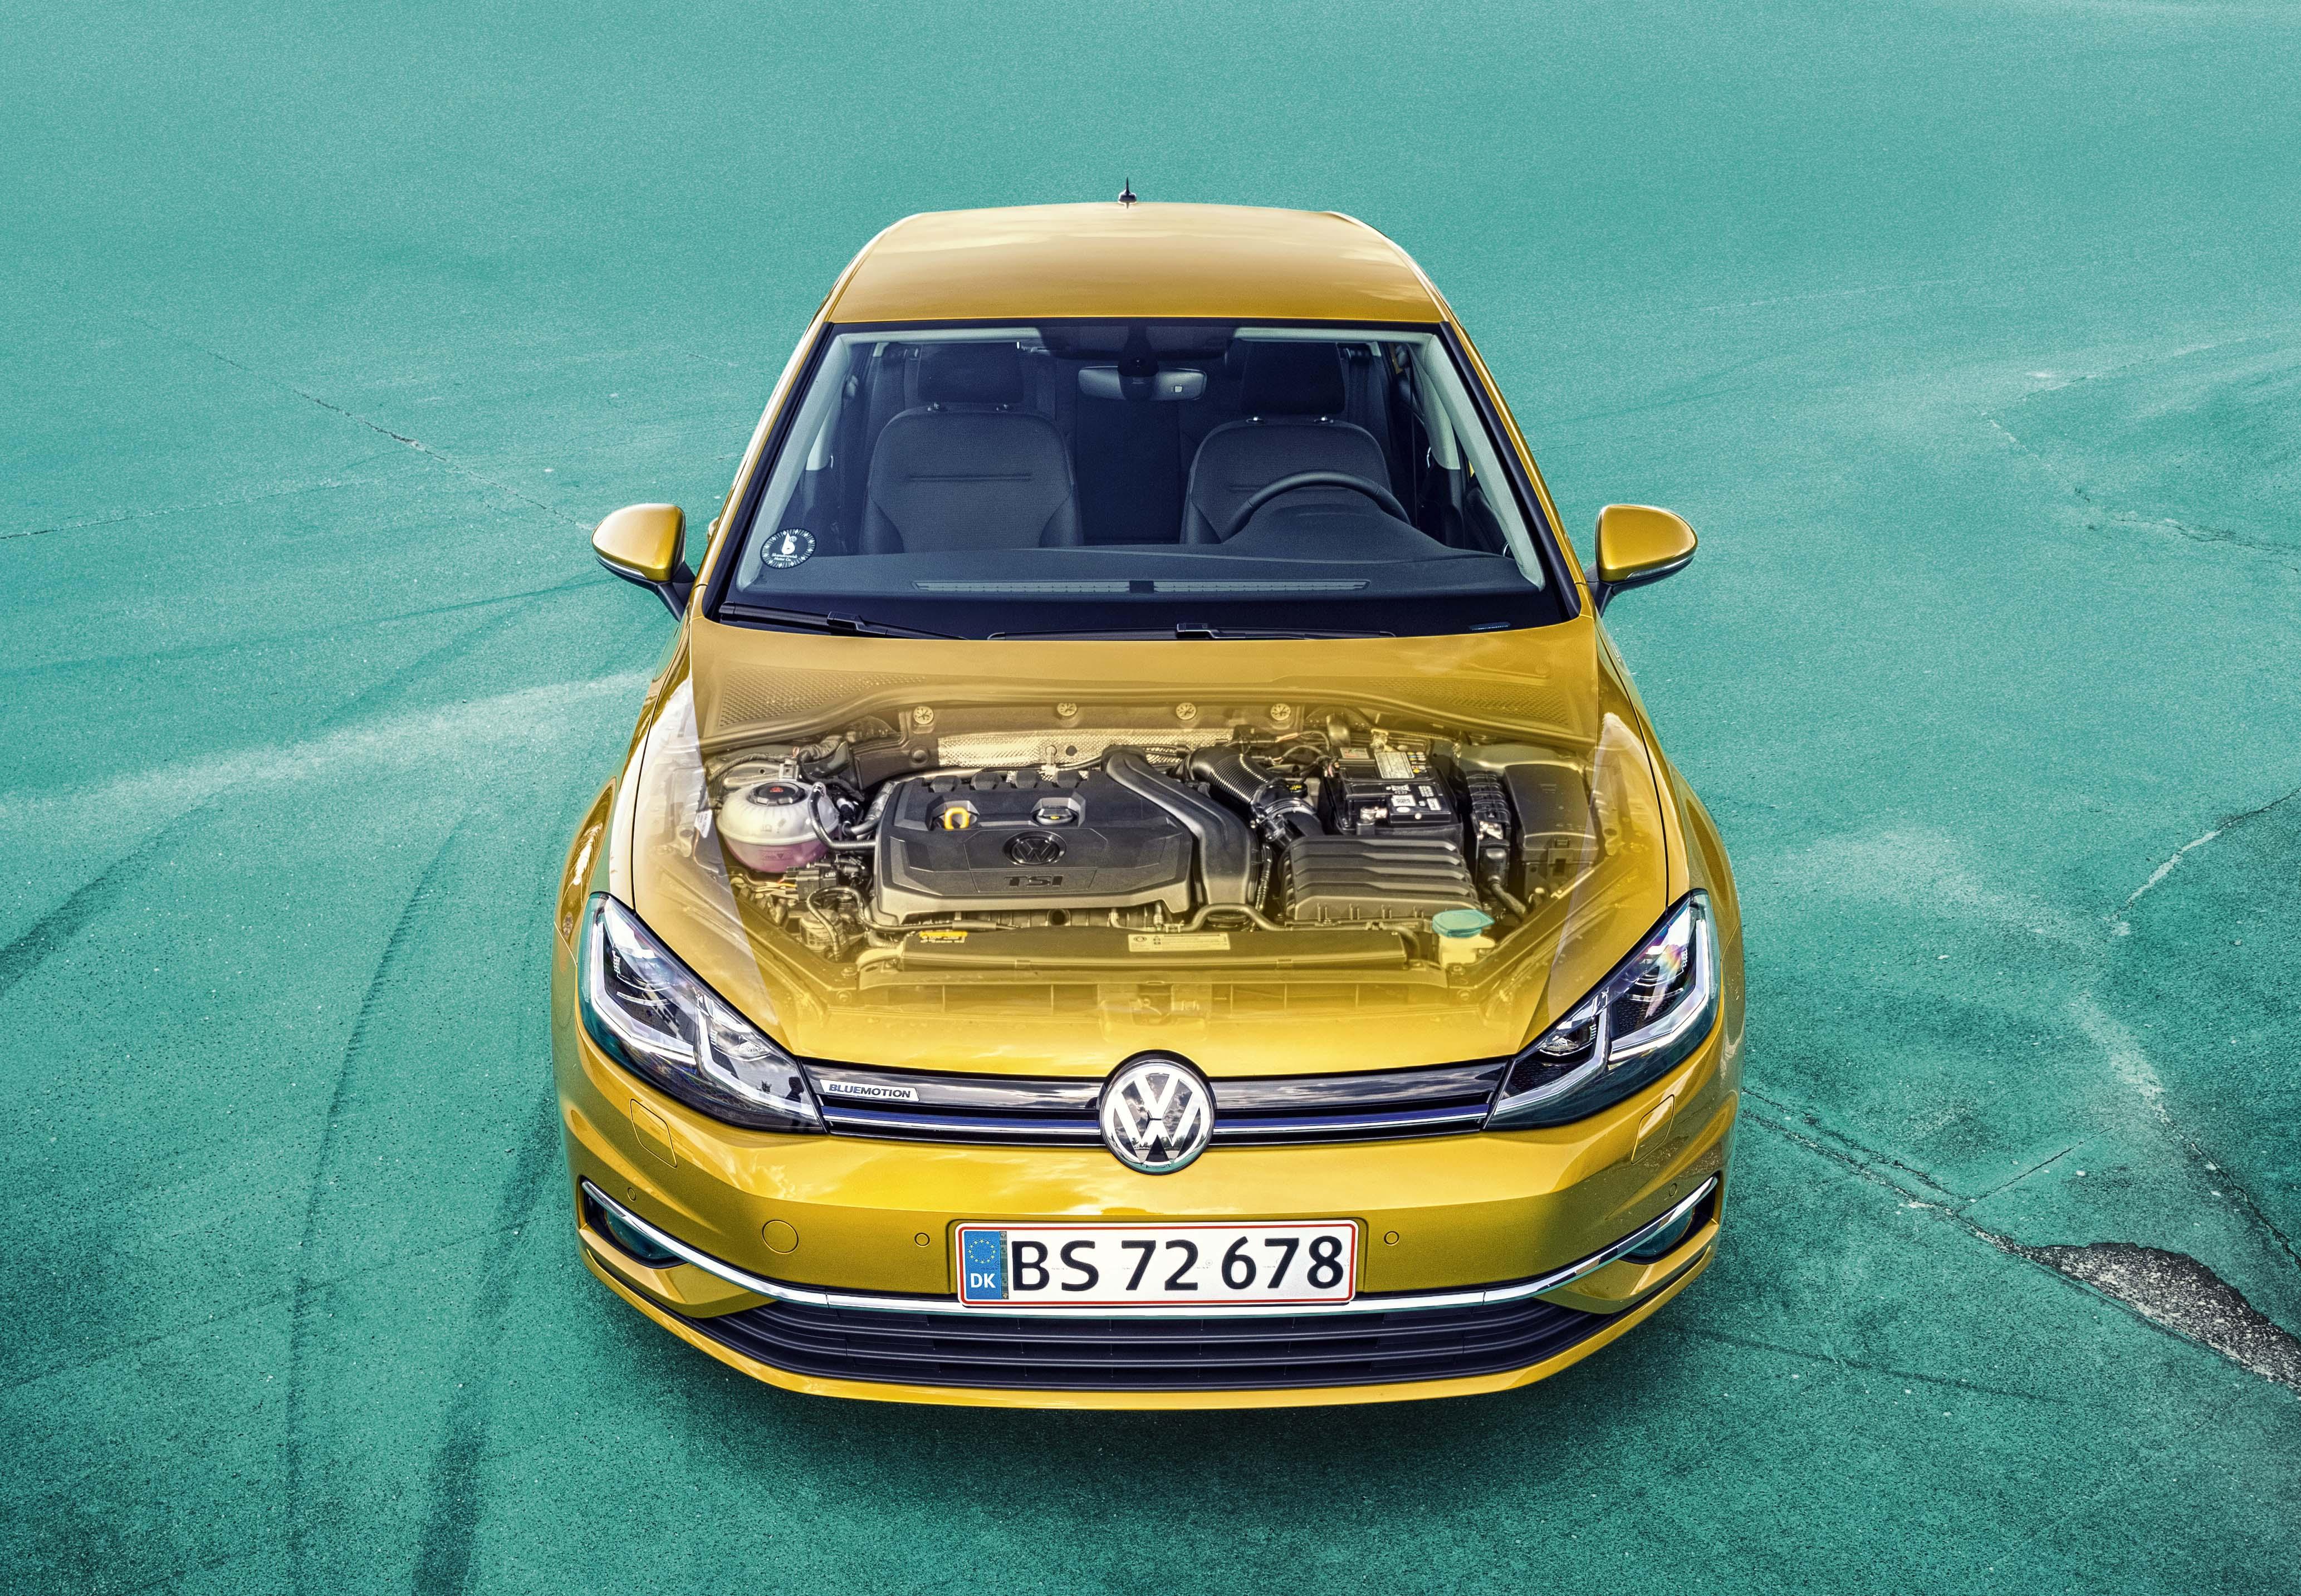 Ny tdi motor fra vw holder dieselmotoren i live for Garage jaguar lille